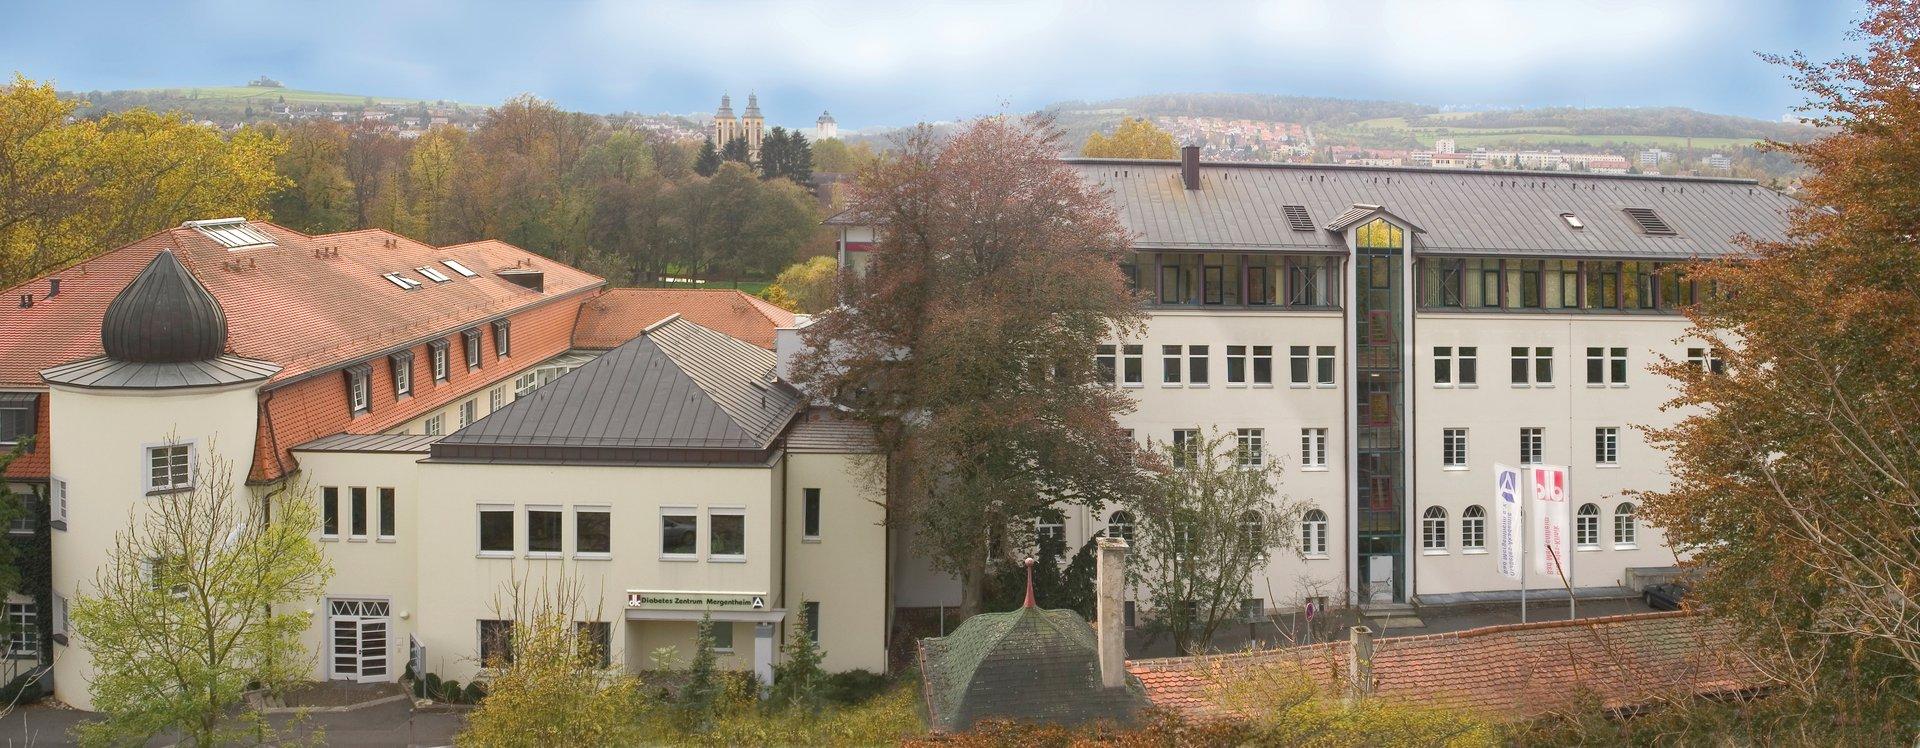 Diabetes-Dorf Althausen (Althausen) - Bad Mergentheim